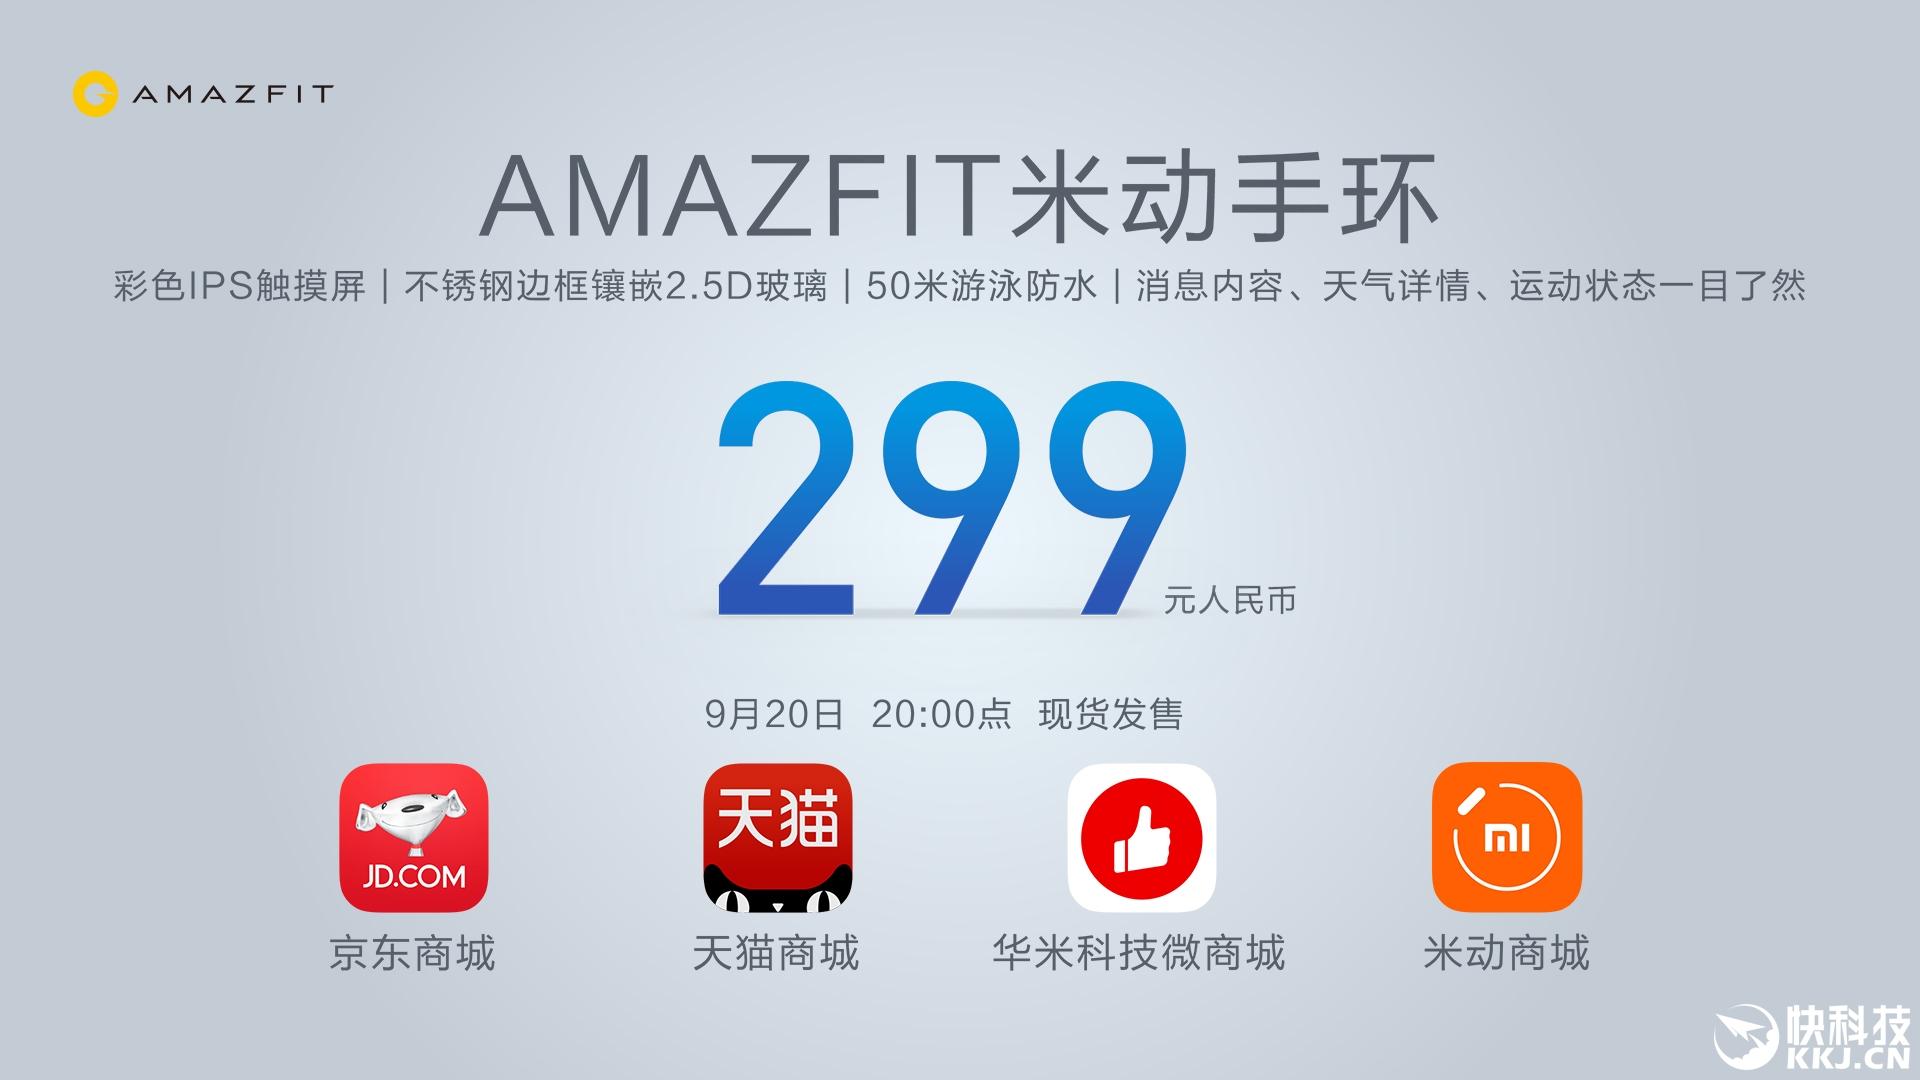 Nueva Smartband Amazfit precio